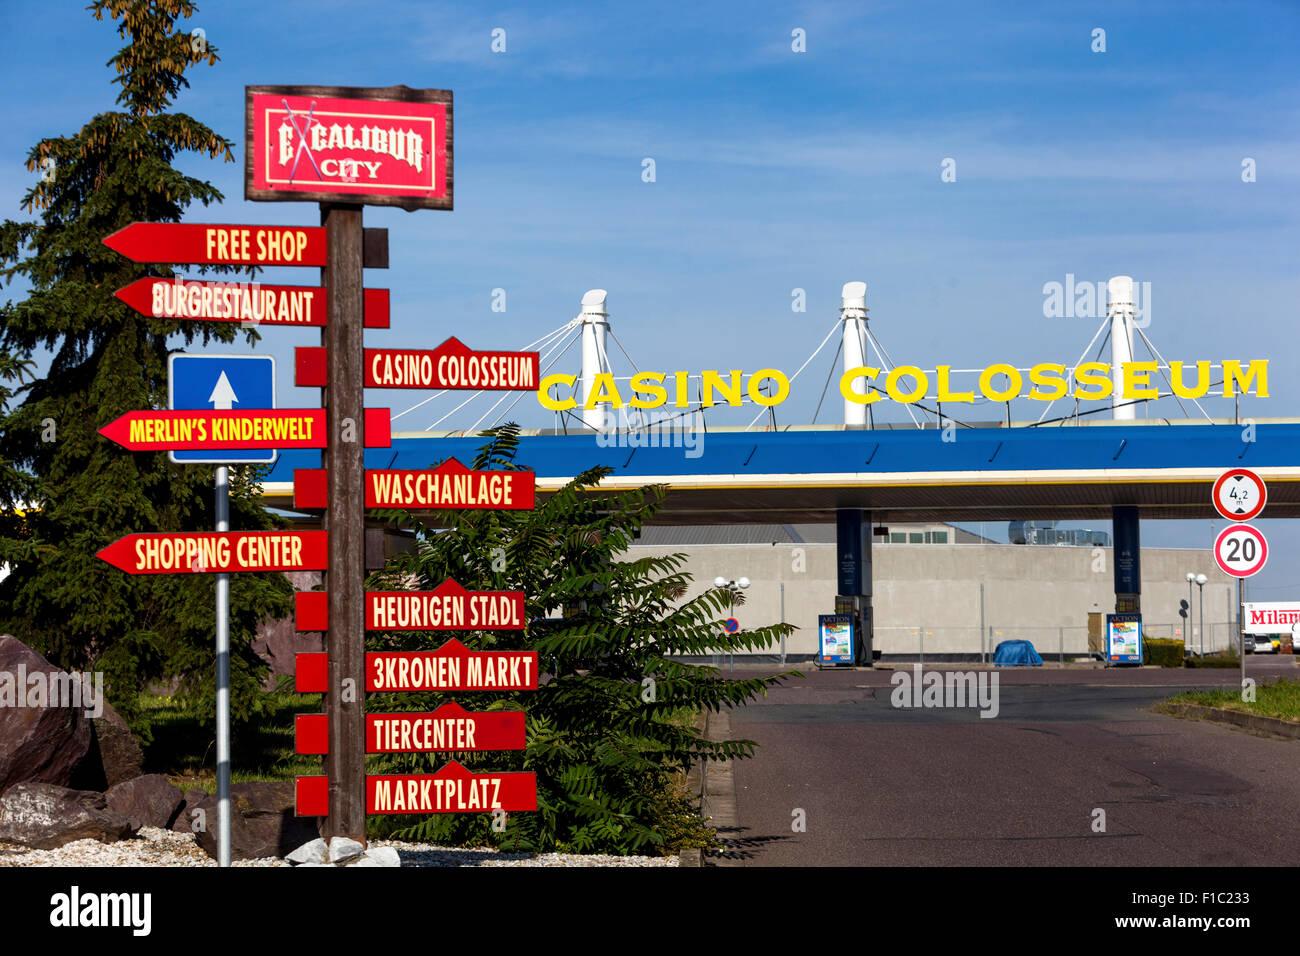 Centre de shopping et de divertissement de la ville d'Excalibur la haine, près de Znojmo, République Photo Stock